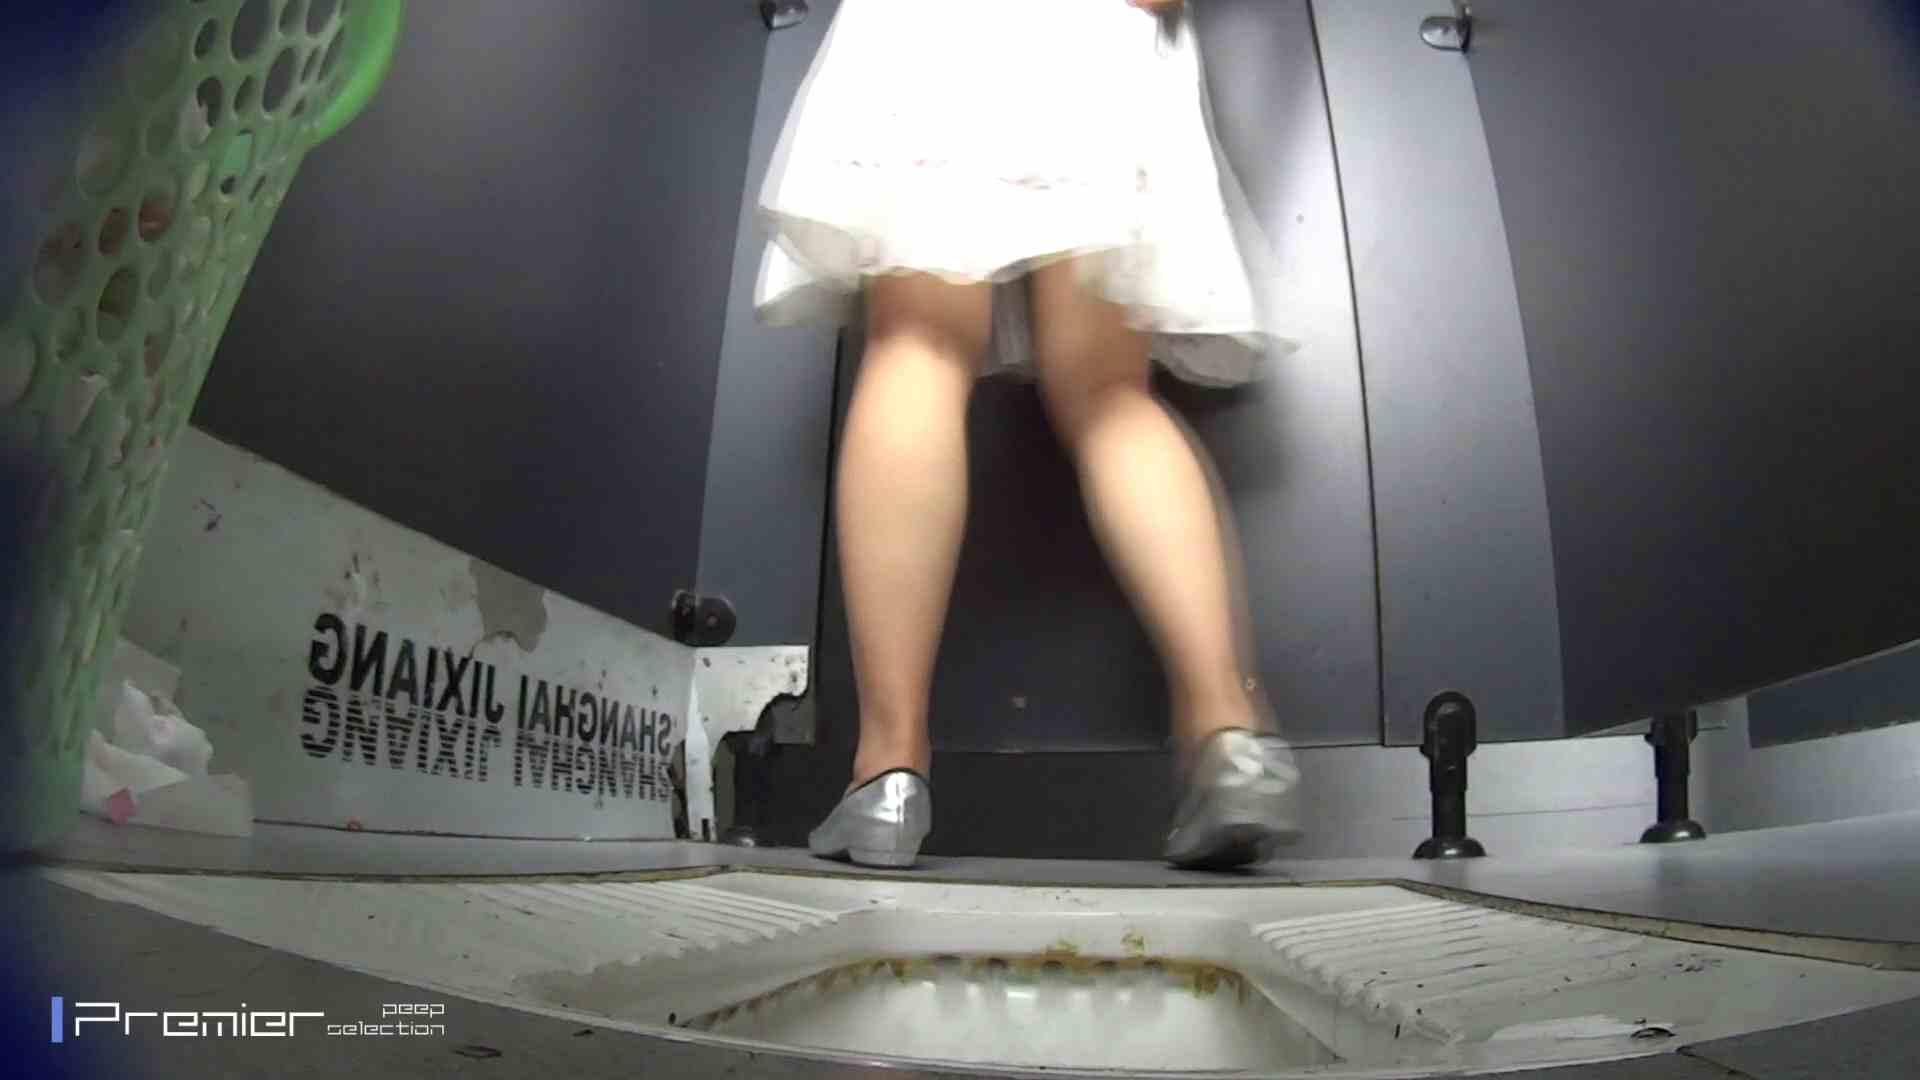 おまたの下から覗く顔 大学休憩時間の洗面所事情43 丸見え エロ無料画像 65画像 36